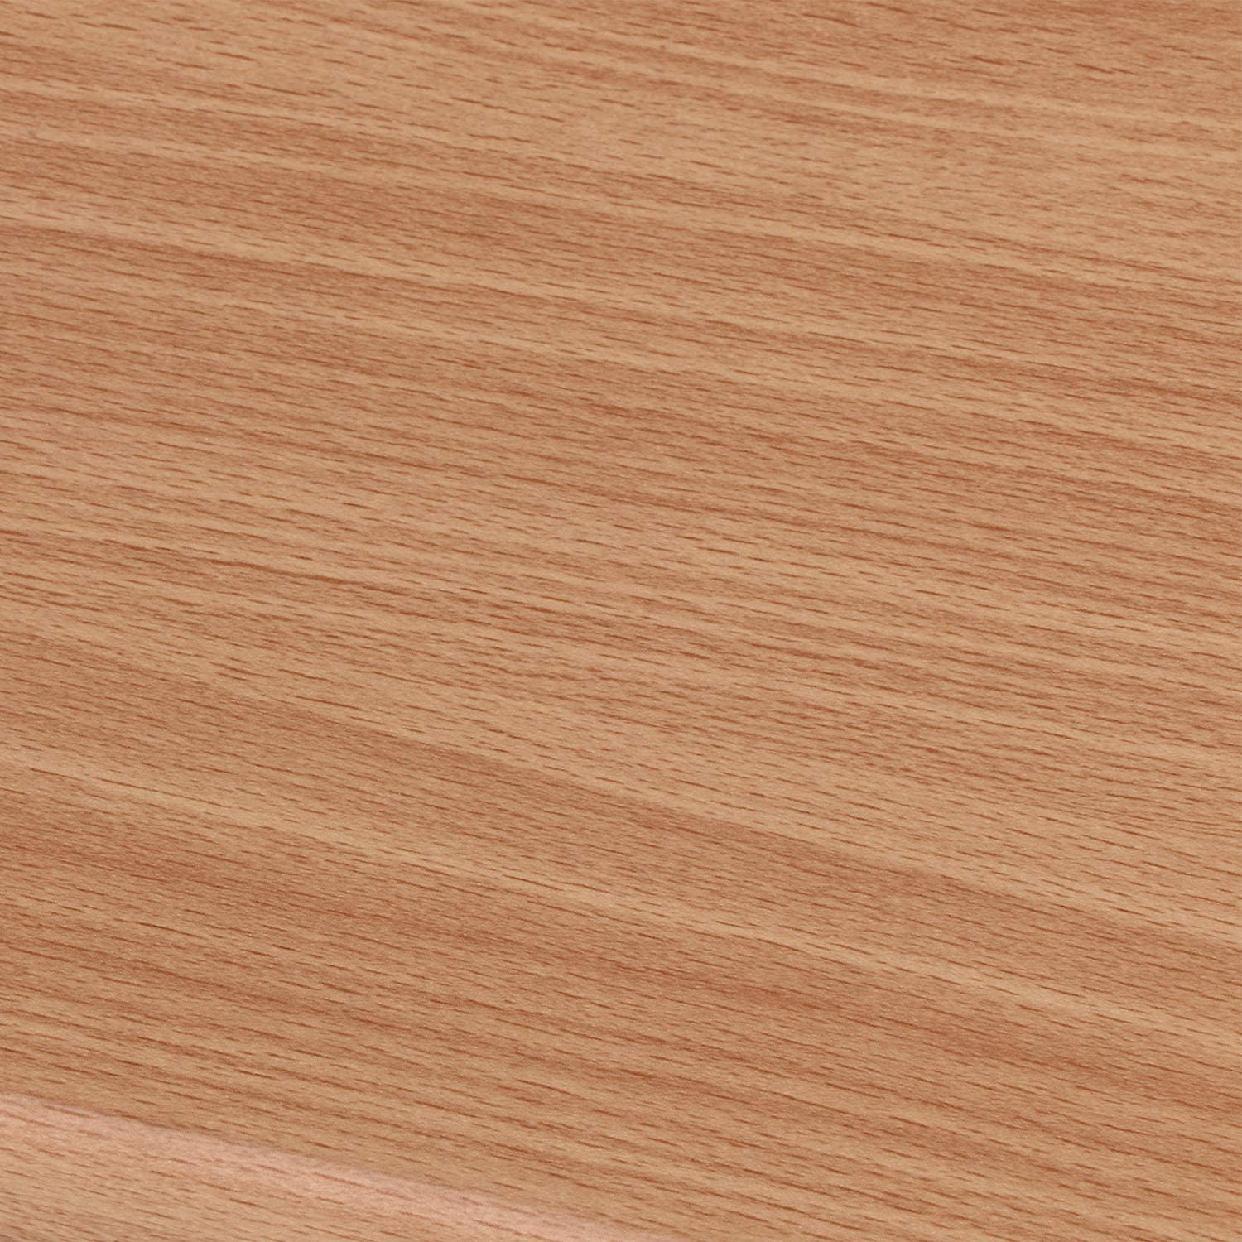 Sage(サージュ)キッチンカウンター 96819 幅90cmの商品画像18